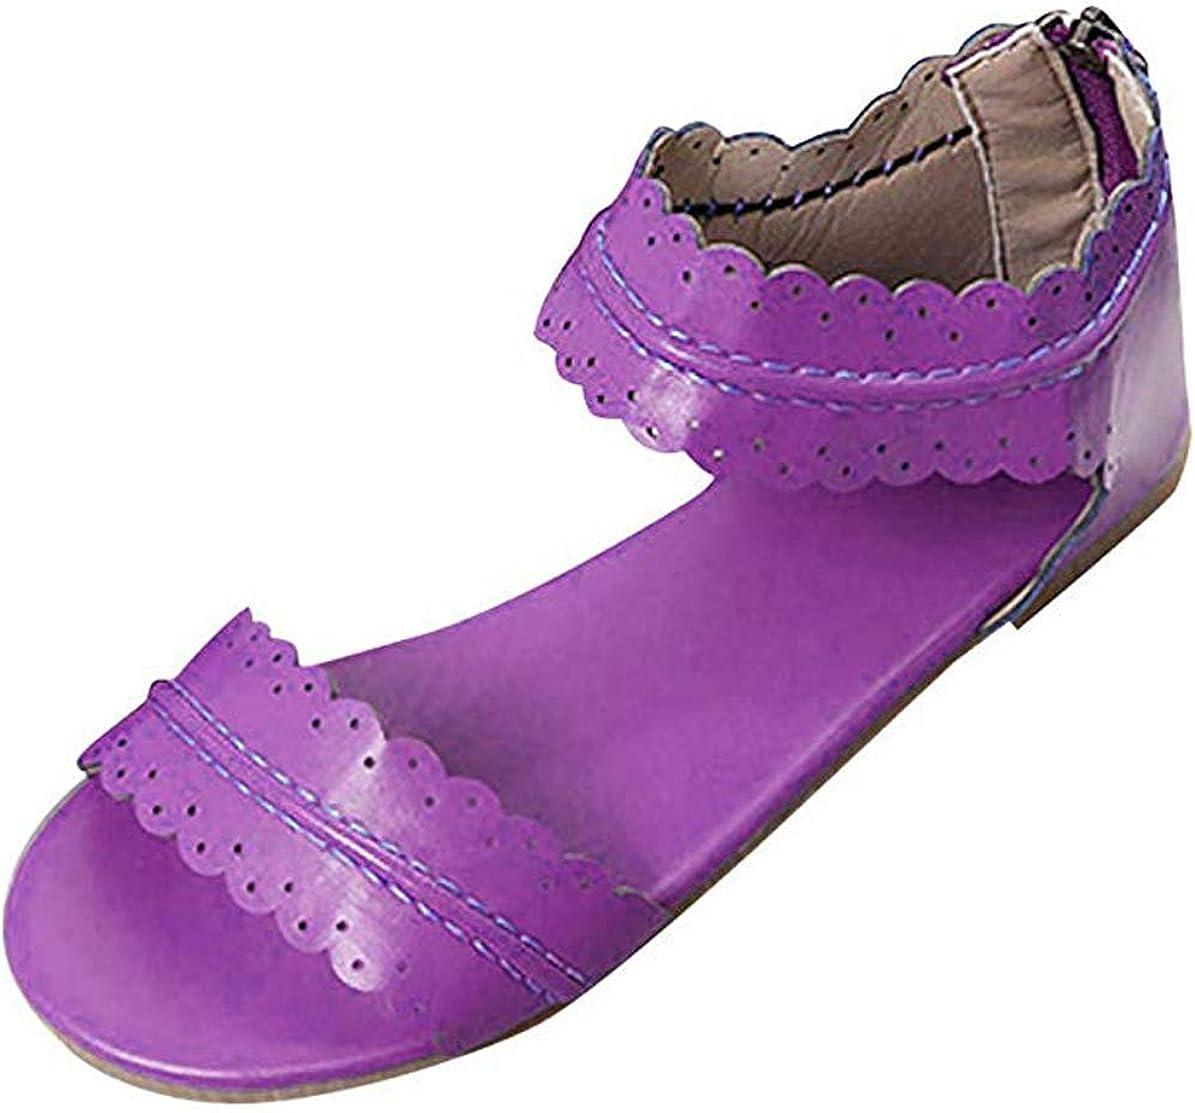 MayBest Womens Summer San Francisco Mall Flat Sandals Cute Ank Toe Beach Shoes Open Award-winning store